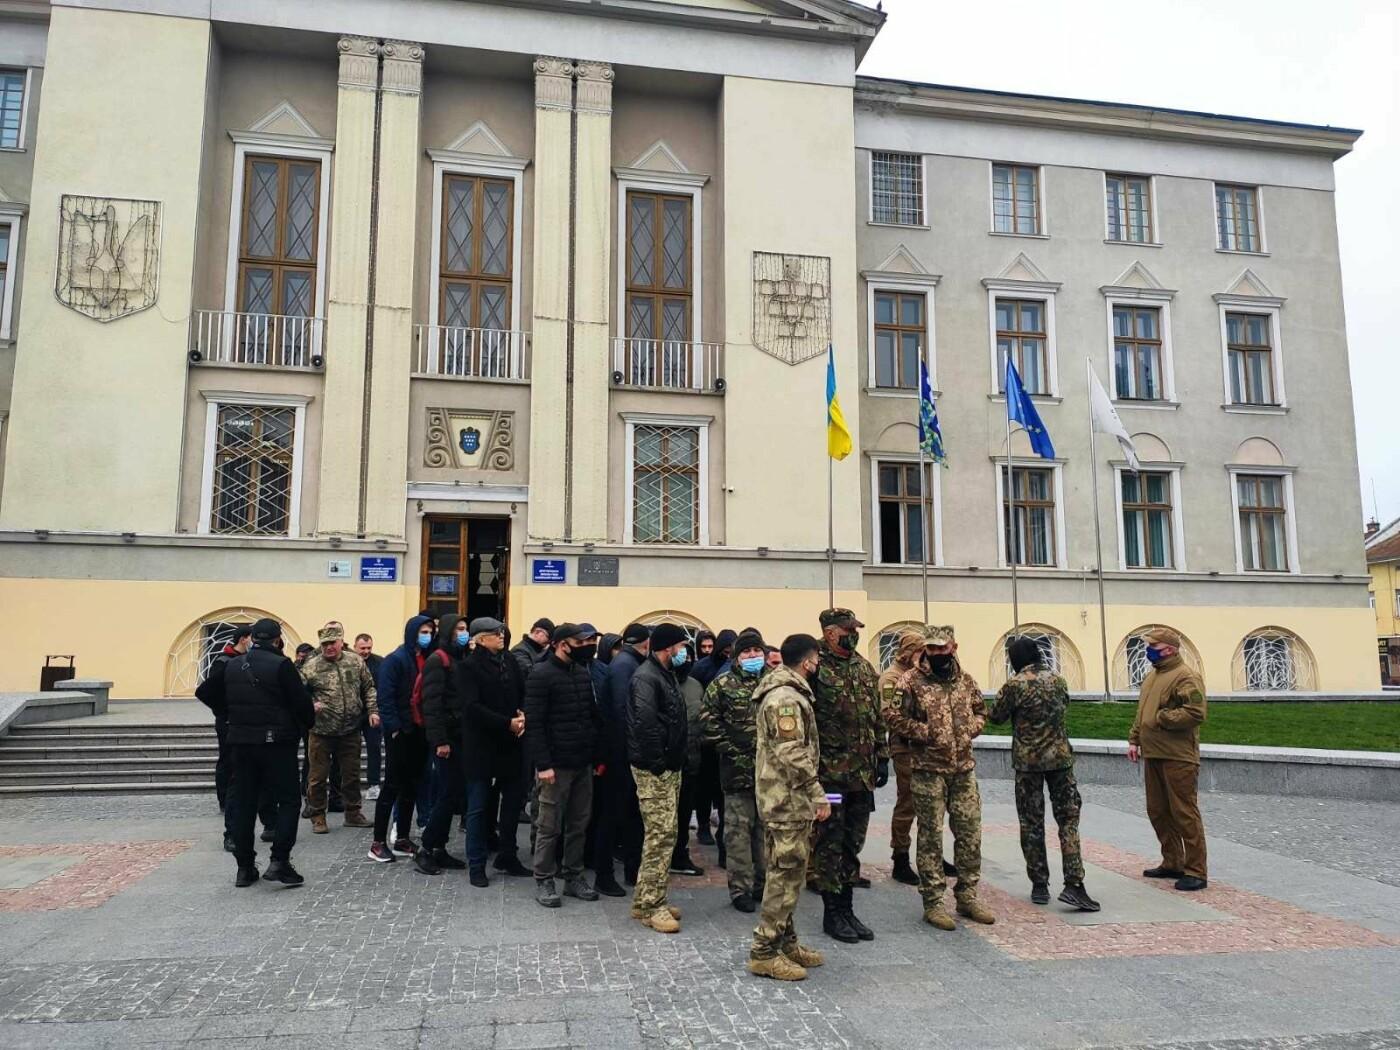 Учасники АТО провели акцію протесту: виступили проти сепаратистських настроїв на Дрогобиччині, фото-6